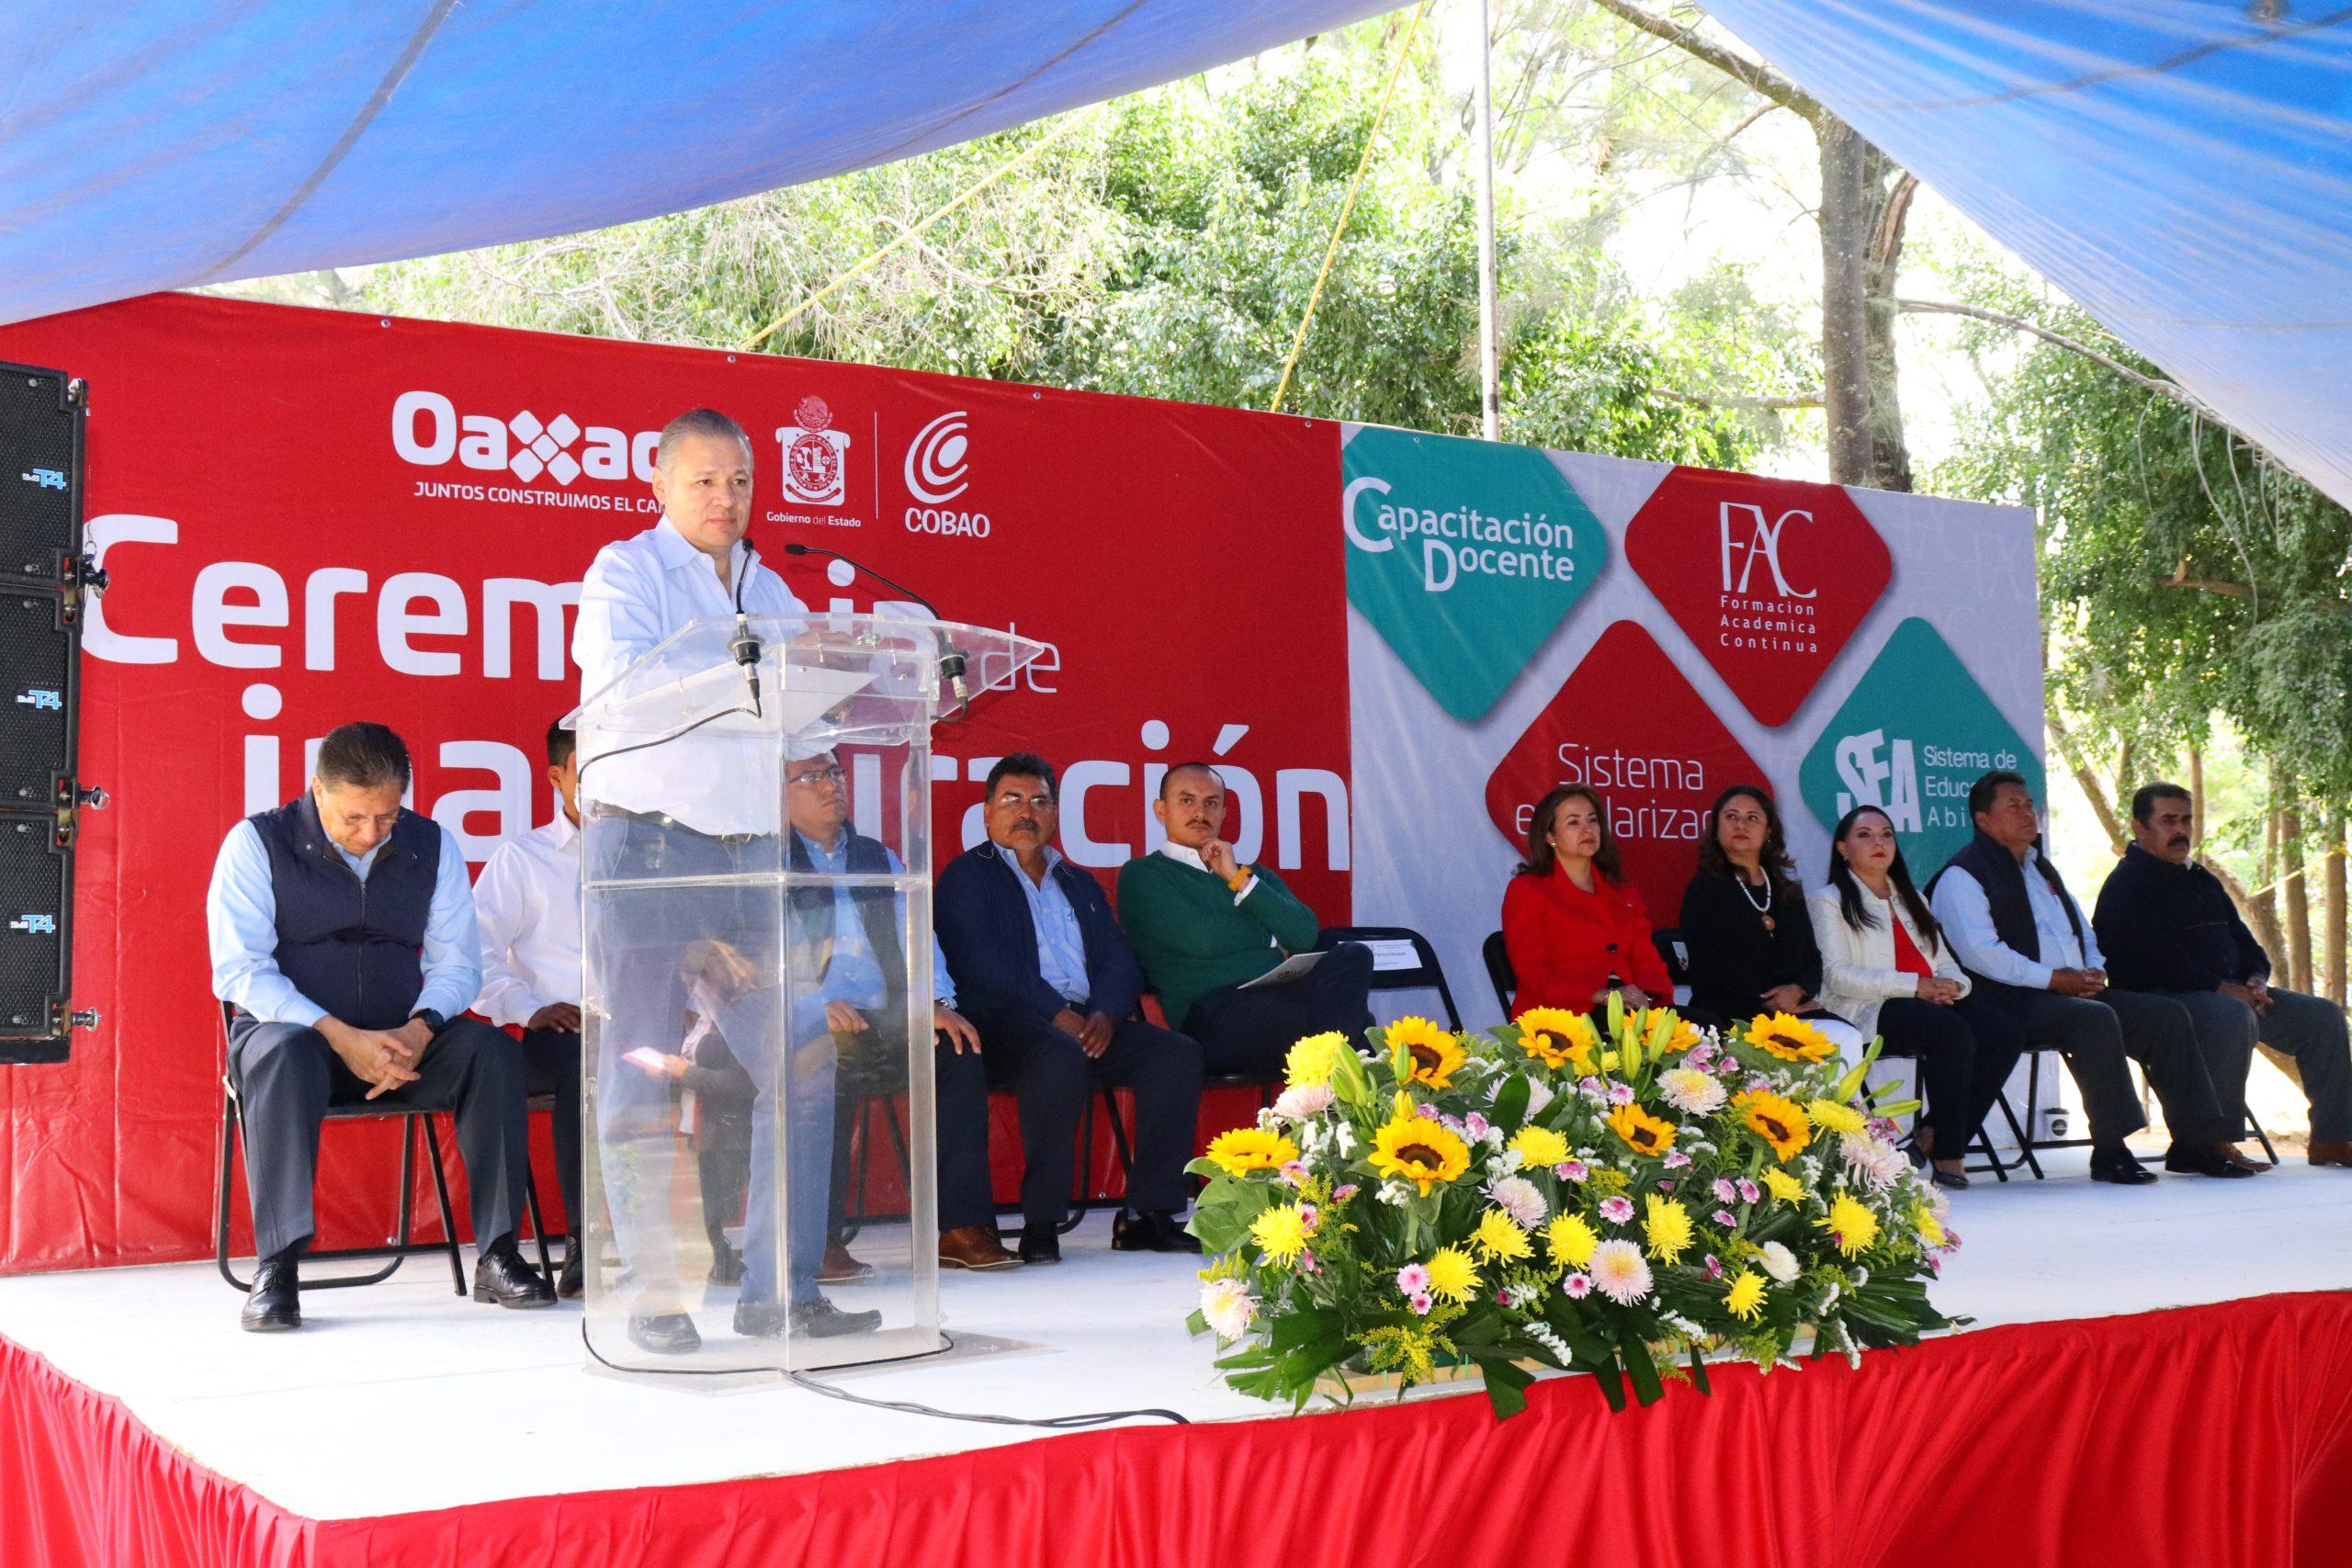 Inauguración de la Capacitación Docente Enero 2020 del Colegio de Bachilleres del Estado de Oaxaca